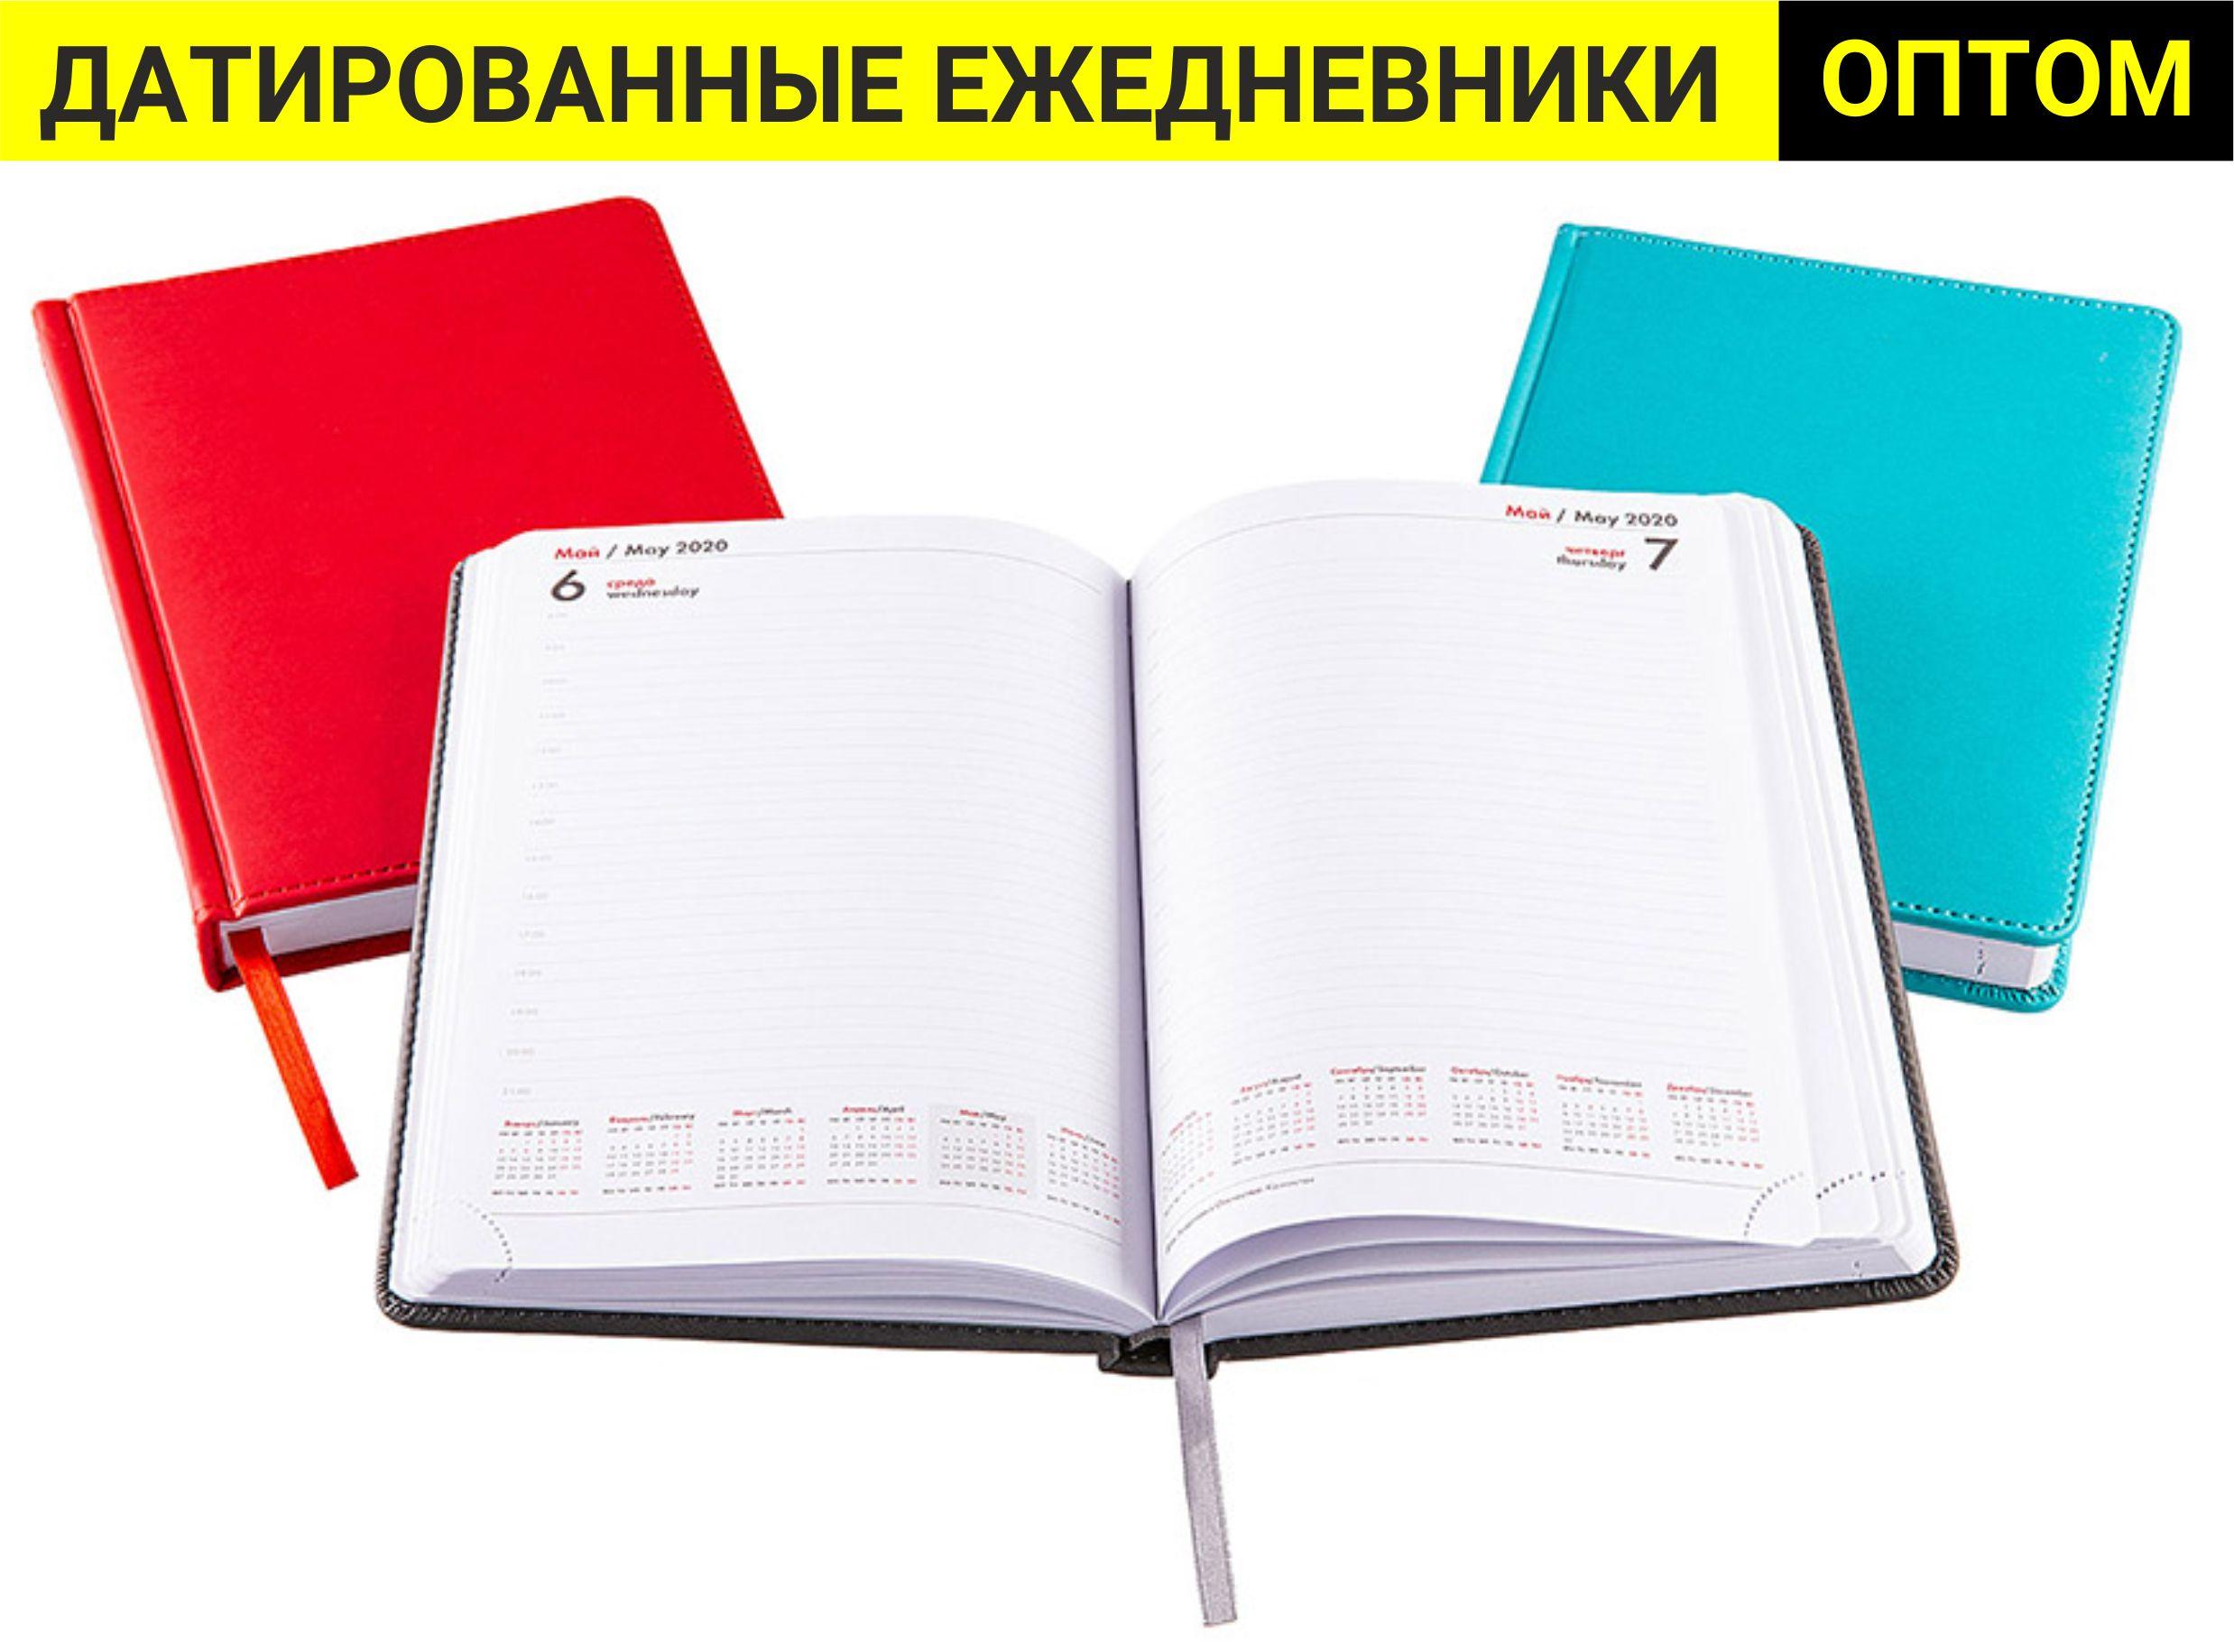 датированные ежедневники с логотипом